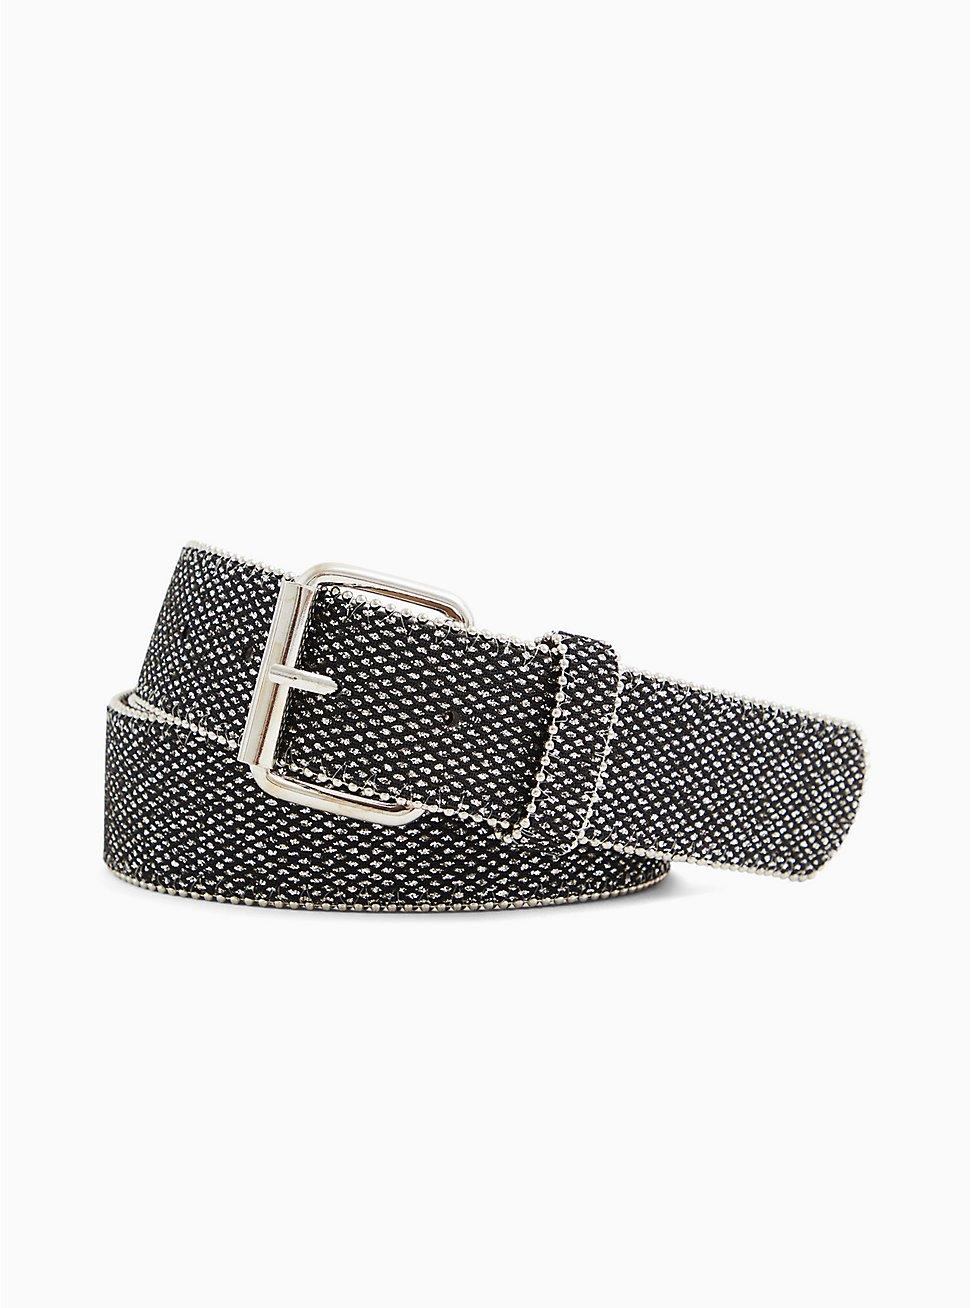 Black & Gold Shimmer Faux Leather Buckle Belt, BLACK, hi-res